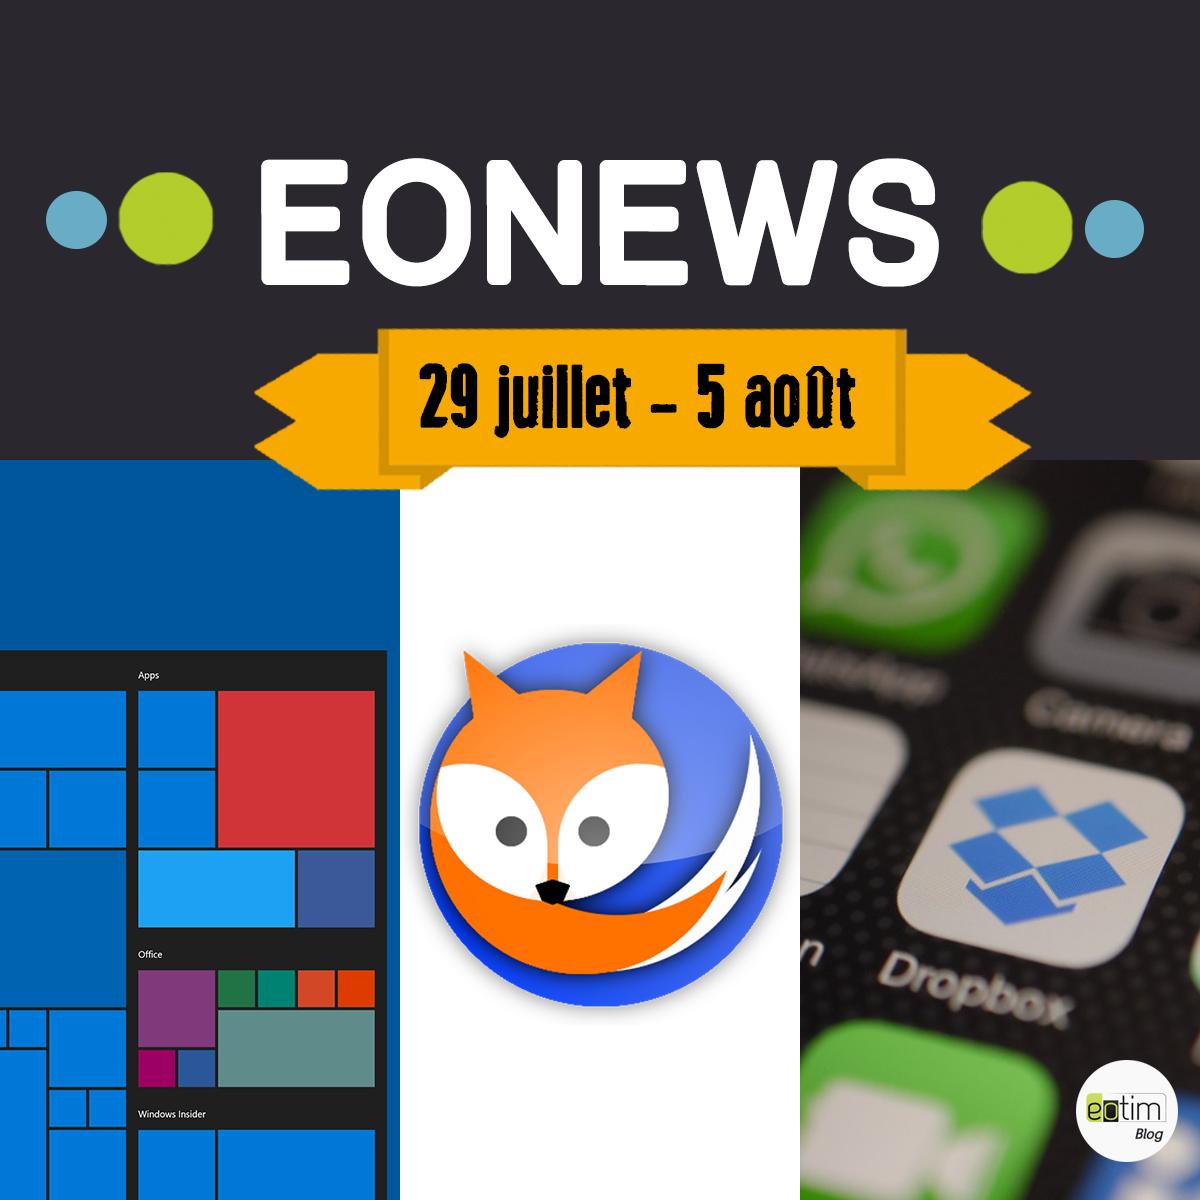 Eonews : l'essentiel de la semaine (30 juillet - 4 août)